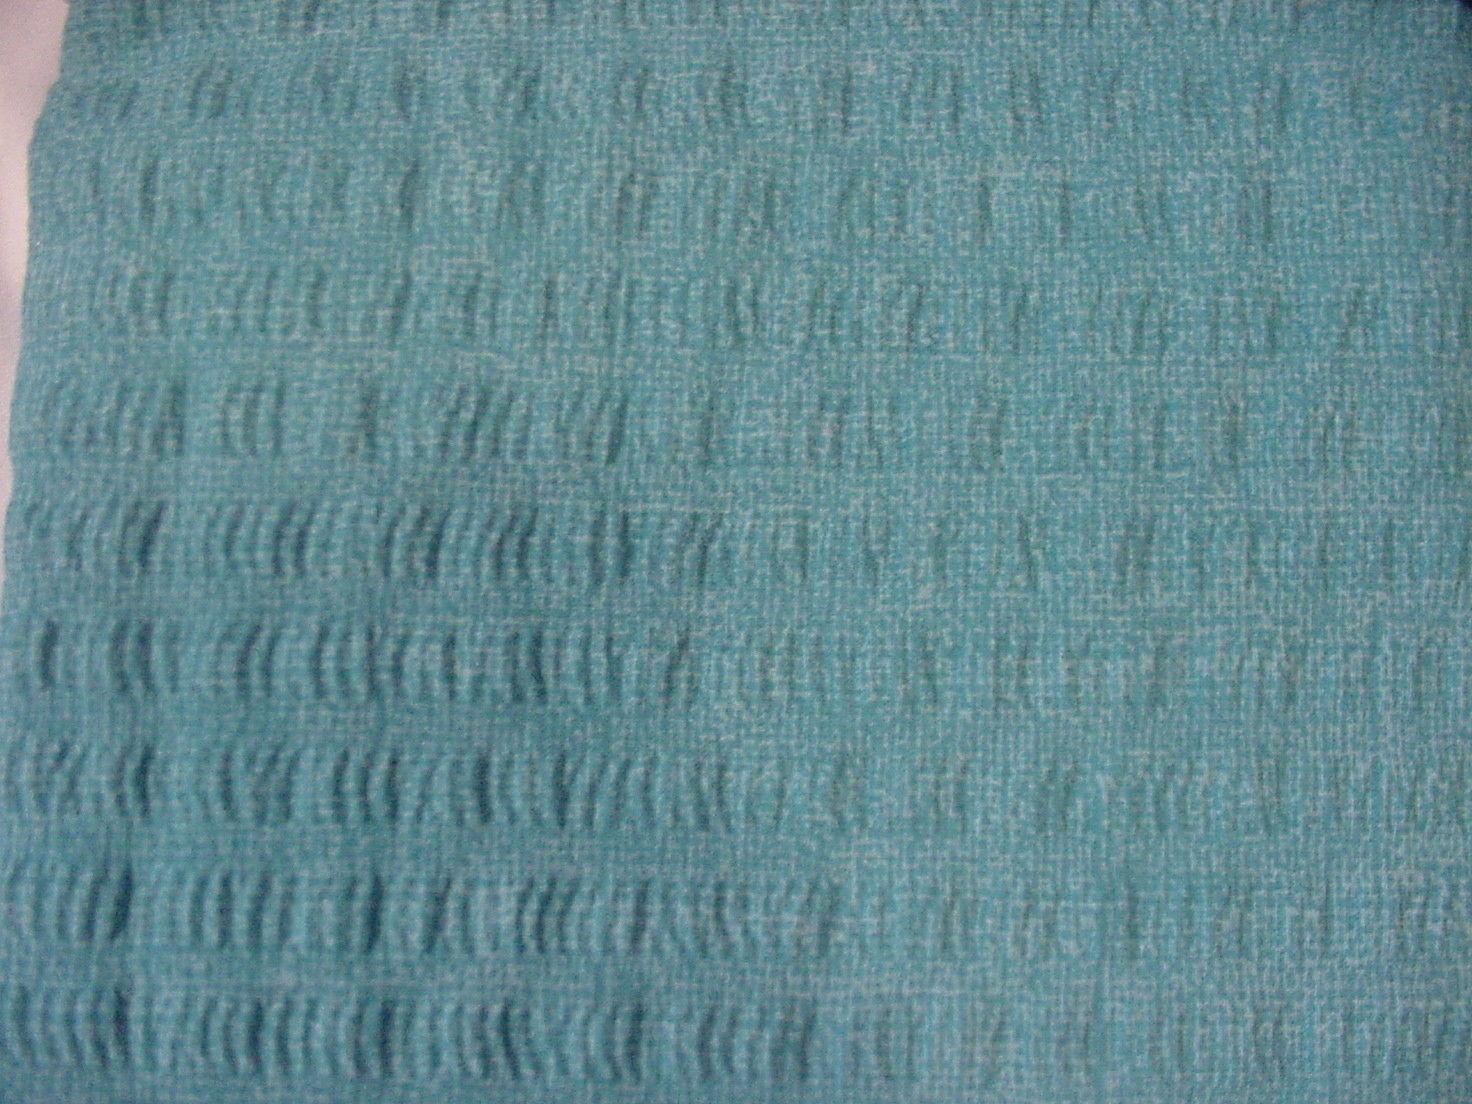 Tommy Hilfiger Cabana Stripe Seersucker Turquoise/White Shower Curtain